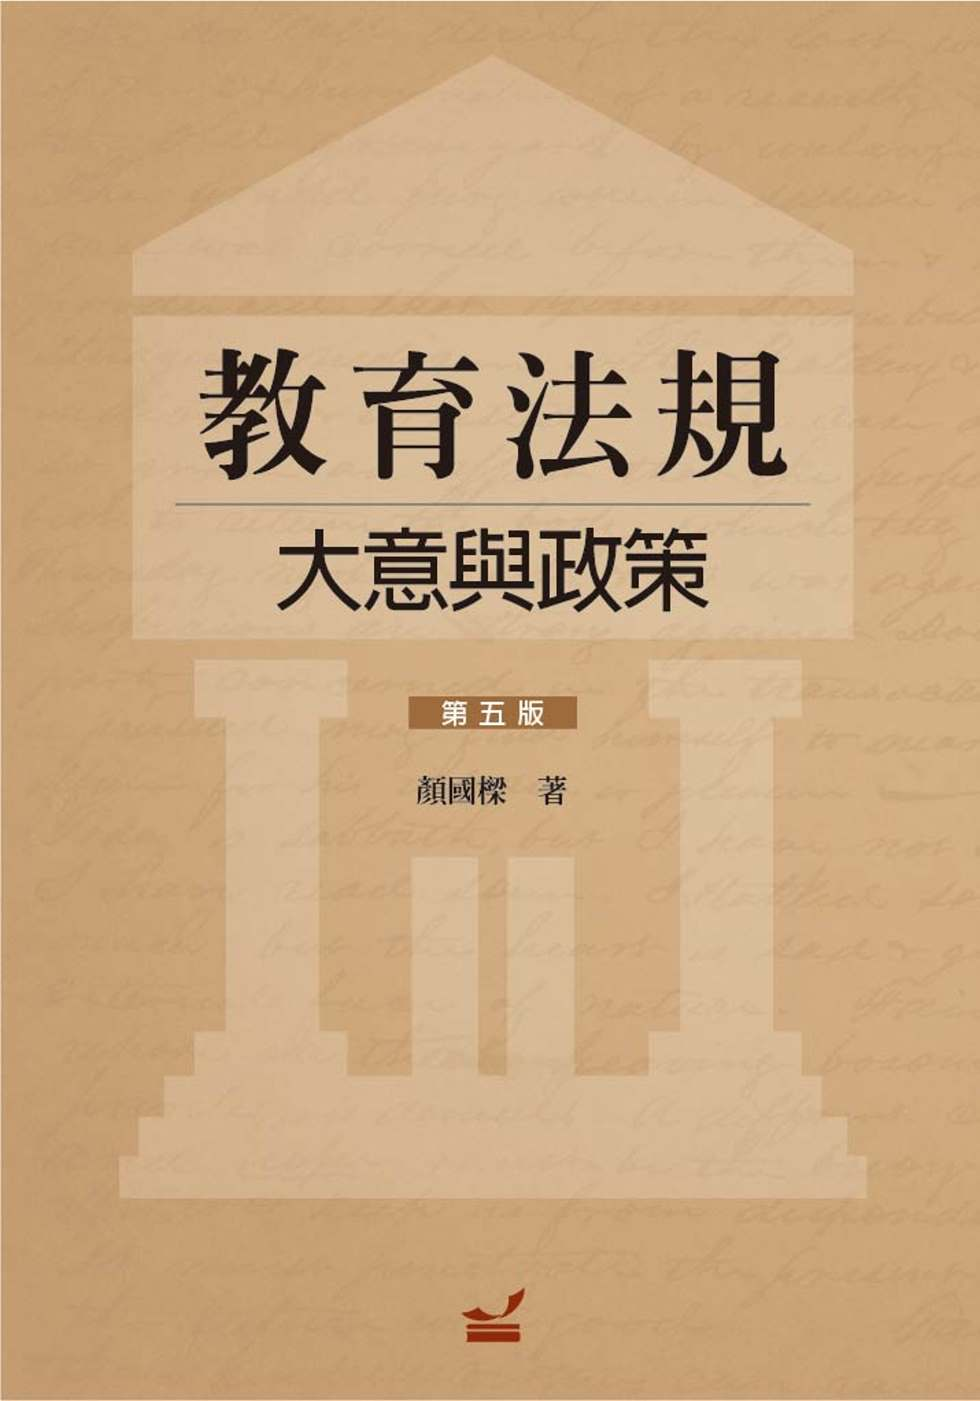 教育法規:大意與政策